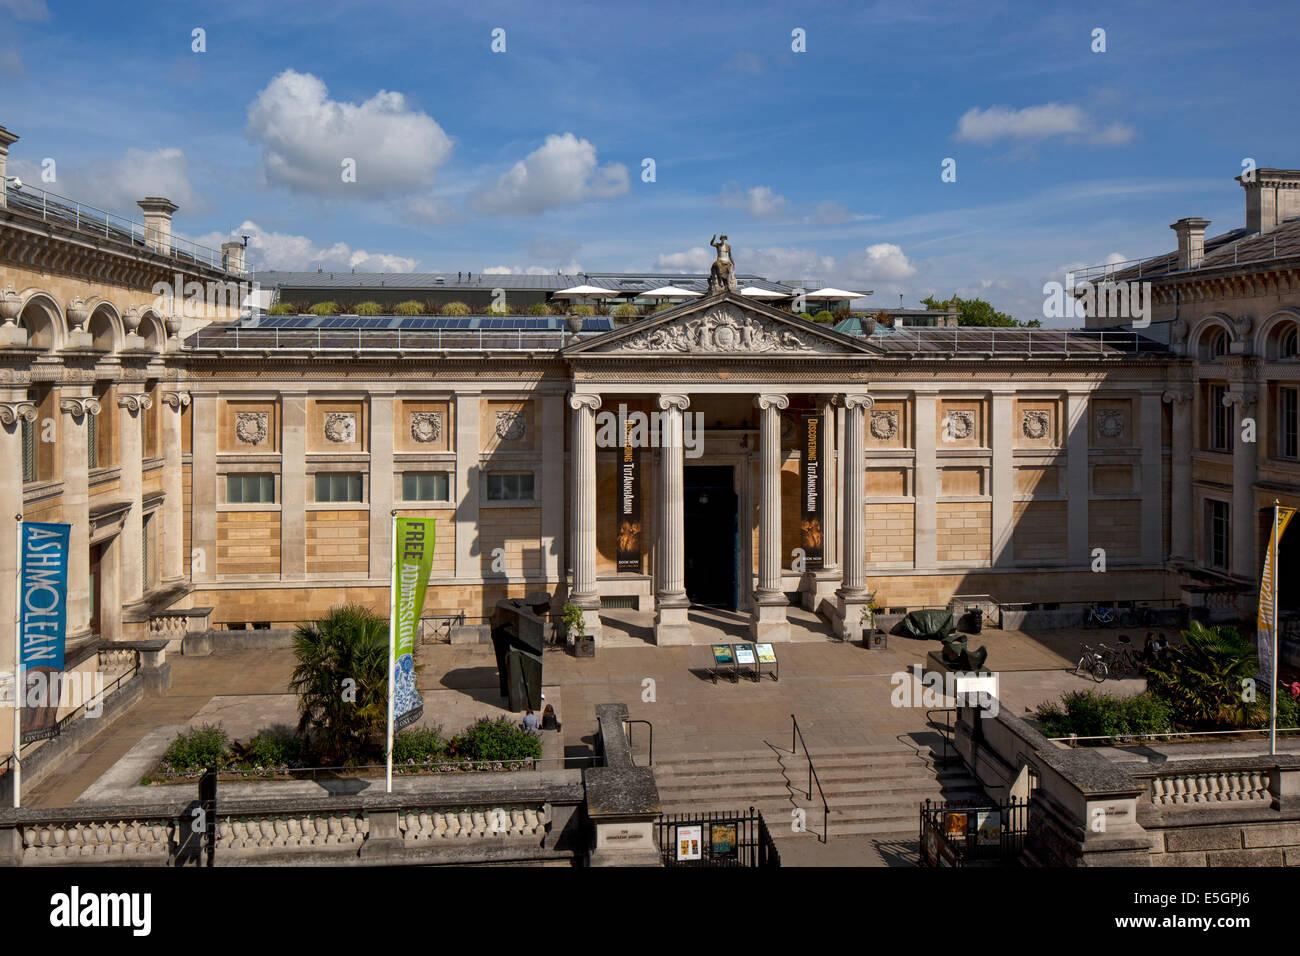 Facciata principale e ingresso al museo Ashmolean Museum di Oxford Inghilterra Immagini Stock